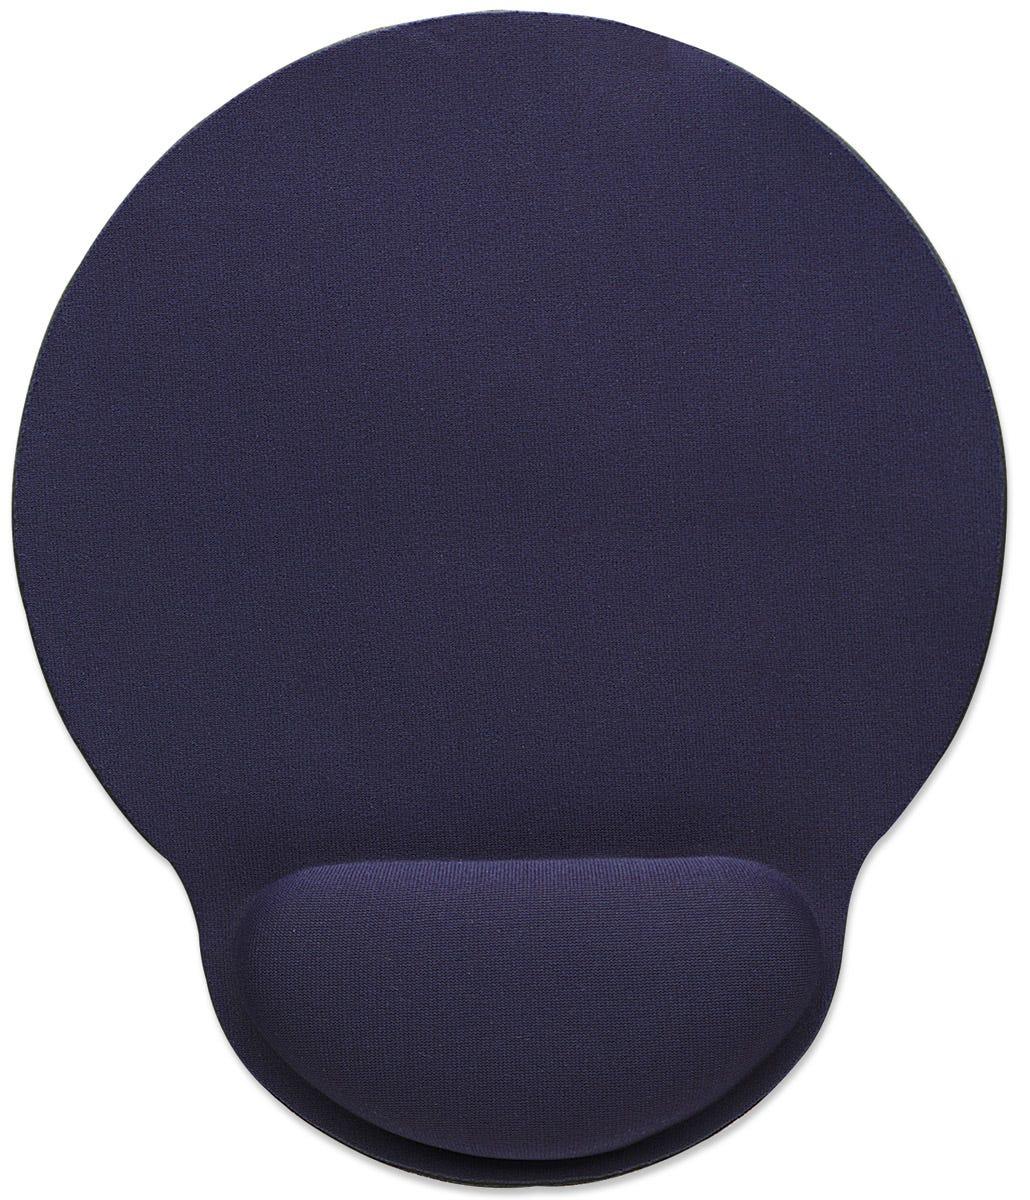 Manhattan 434386 - Blau - Einfarbig - Handgelenkauflage - Anti-Rutsch-Basis - Gaming-Mauspad